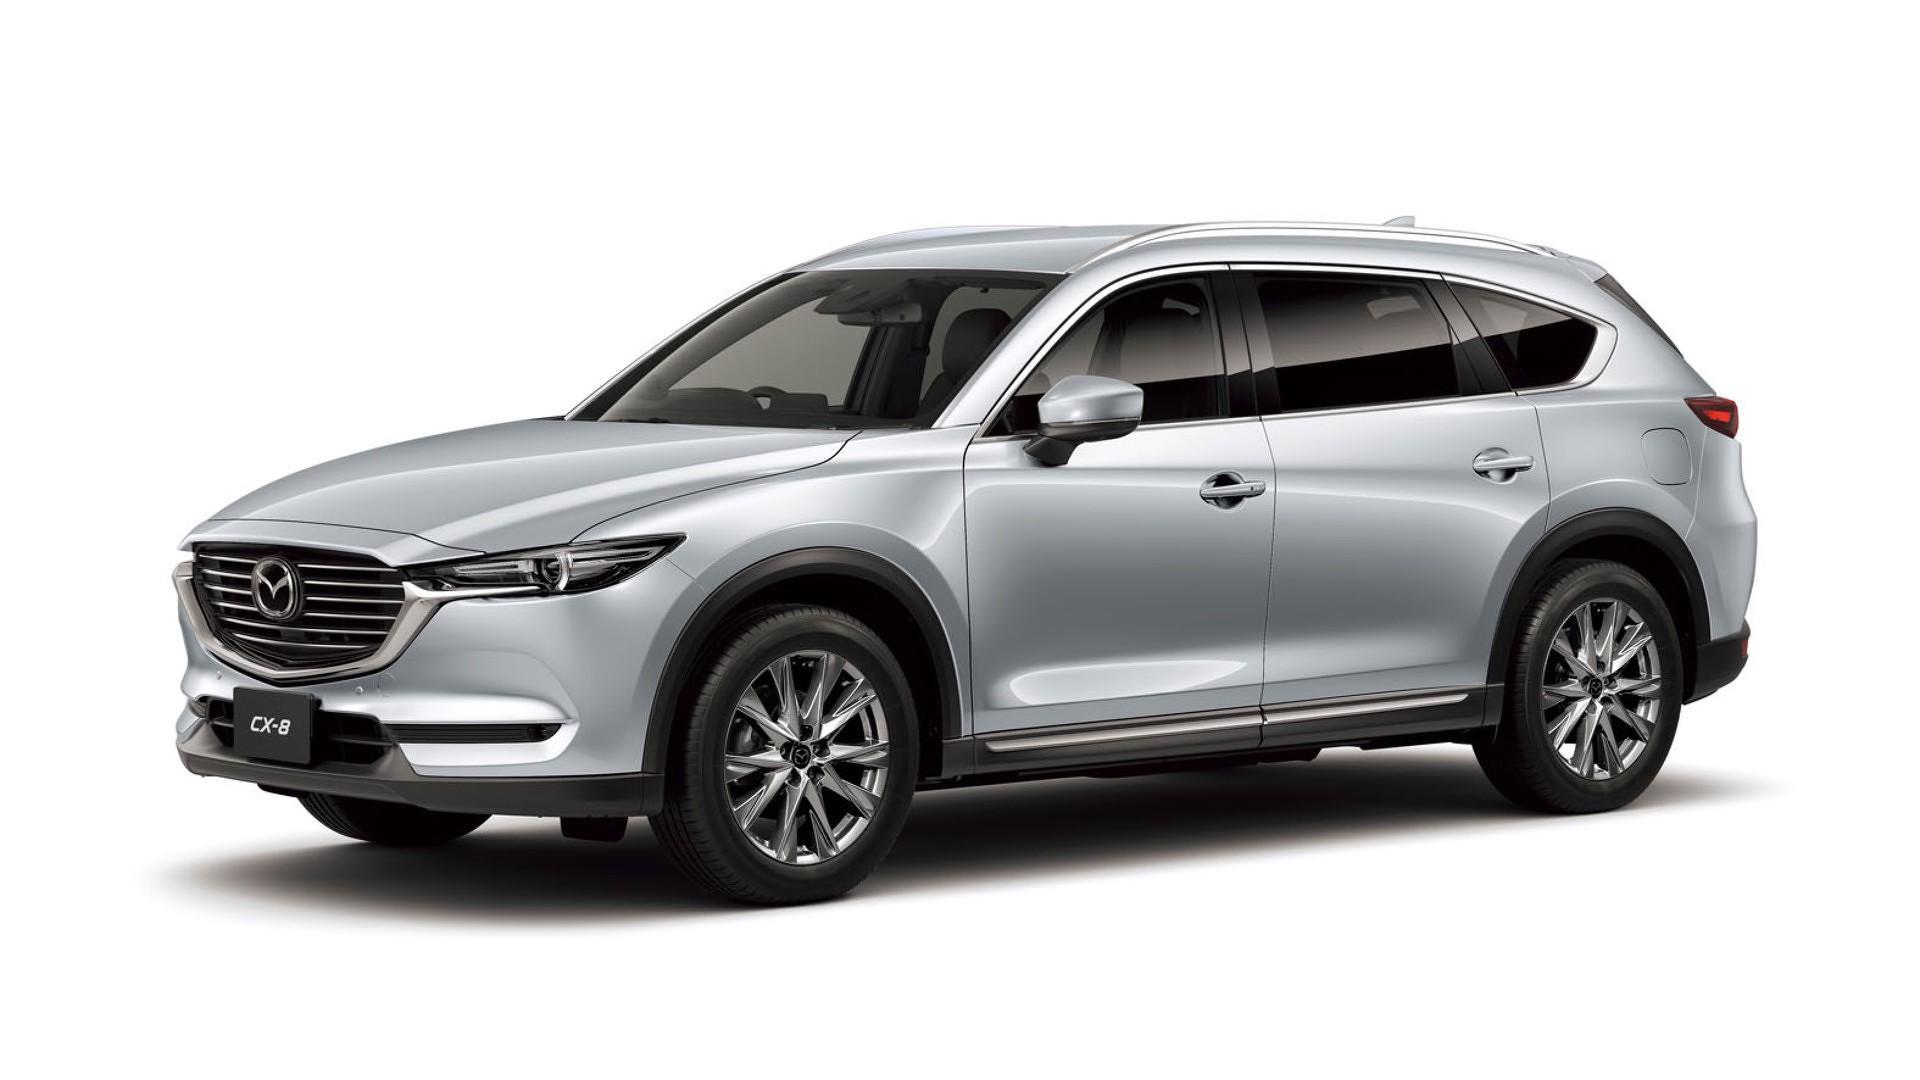 2021 Mazda SUV Will Be Made In The U.S. - autoevolution